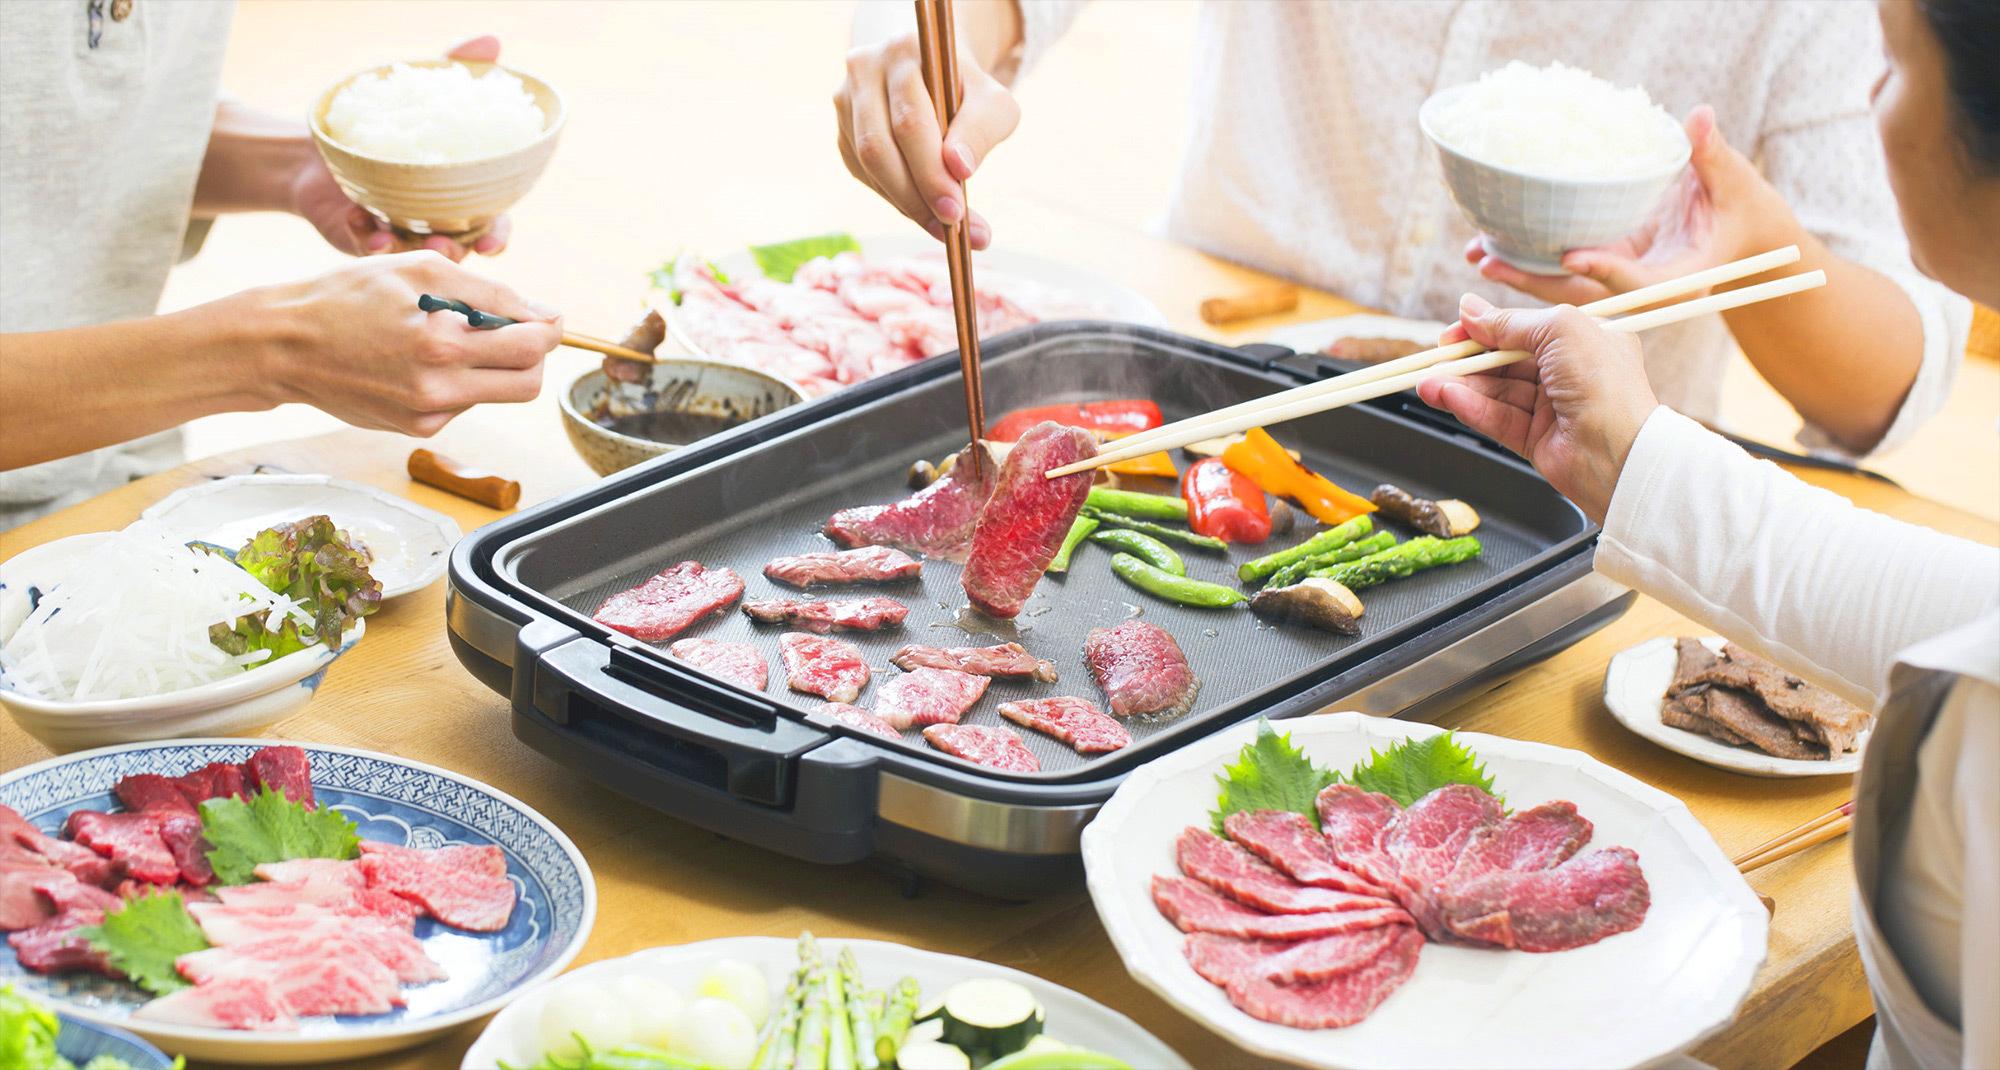 日本の食と安全に貢献します